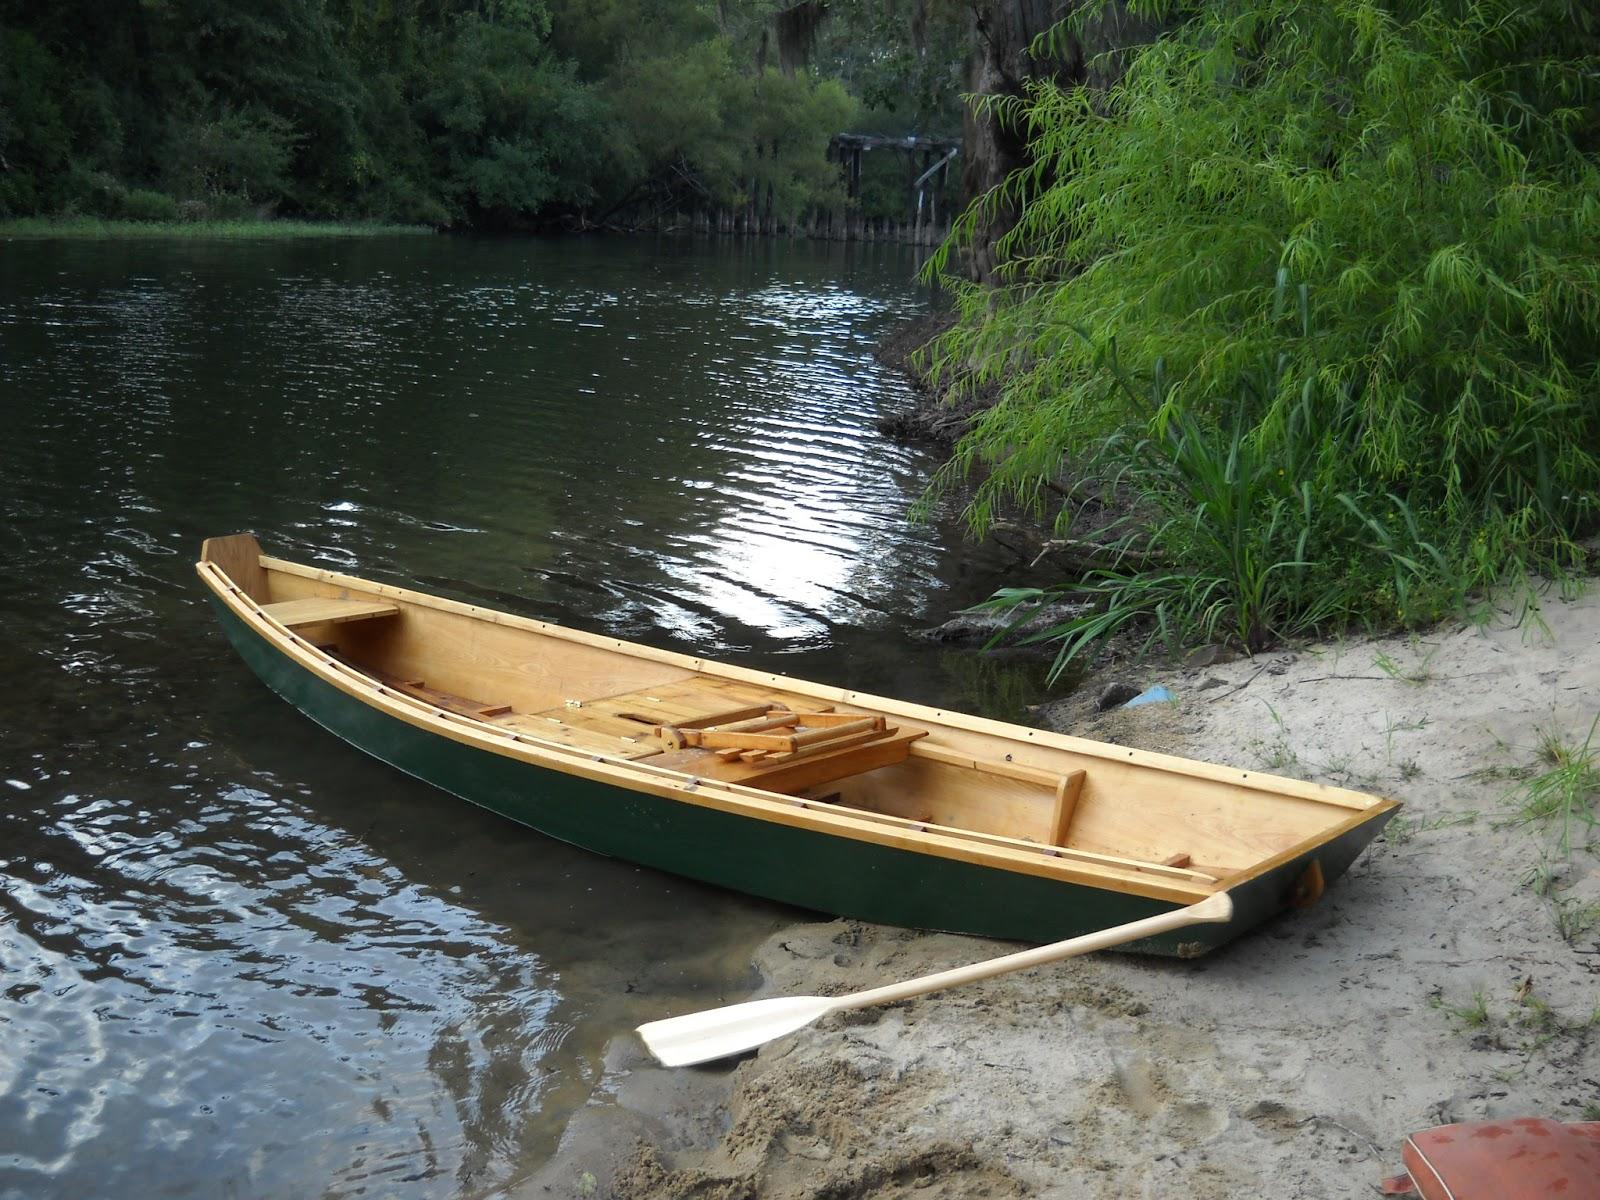 Какие типы лодок бывают и для чего они предназначены